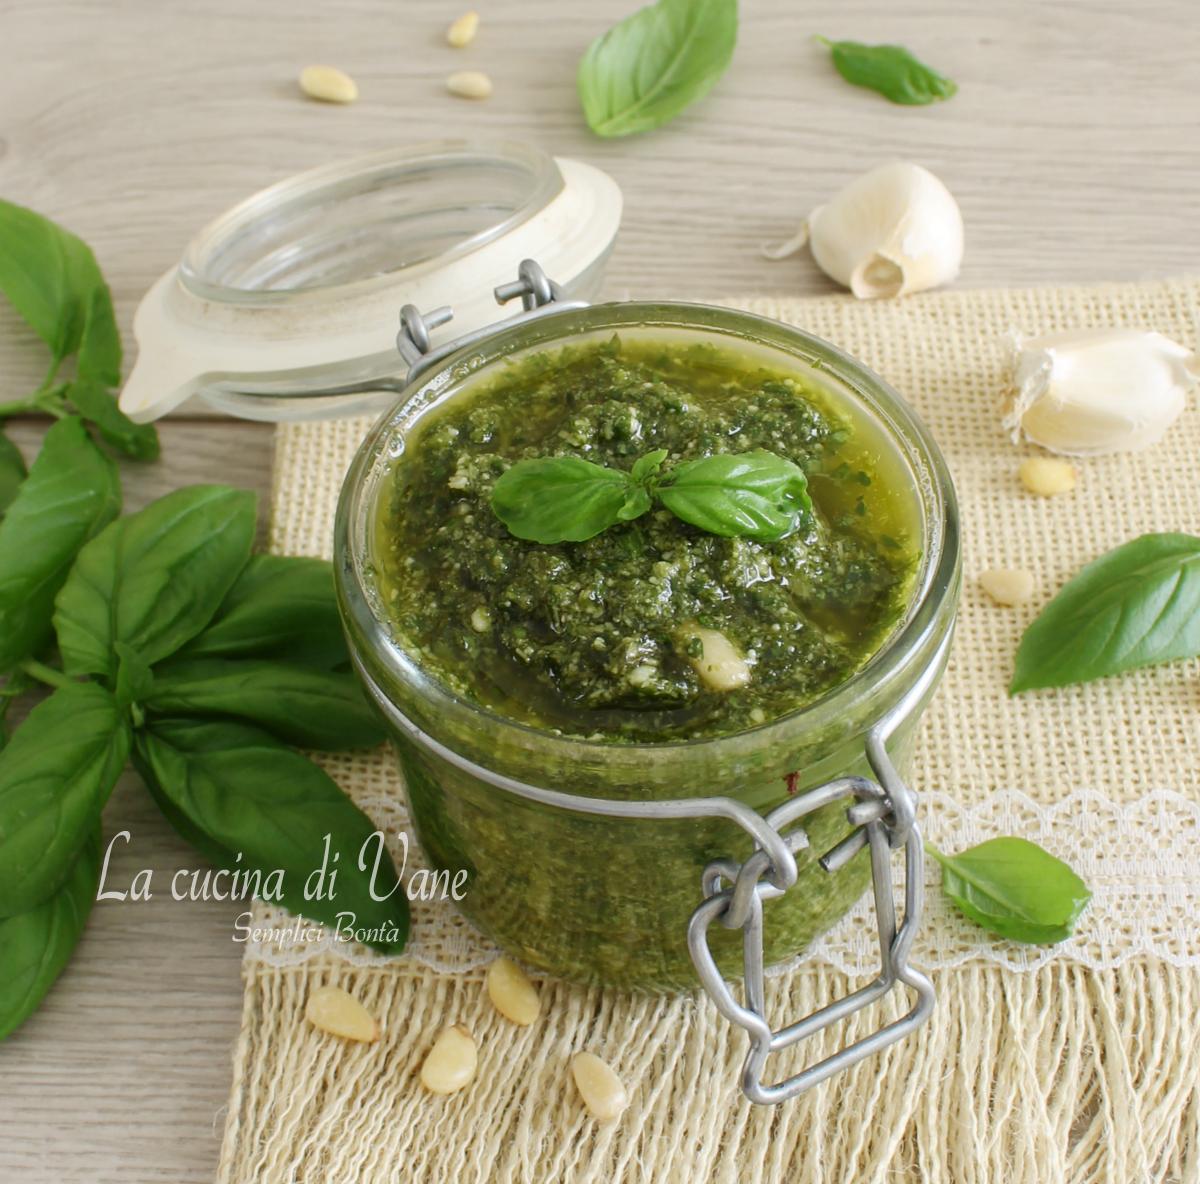 Ricetta Pesto Genovese Bimby.Come Fare Il Pesto Ricetta Con Bimby E Senza